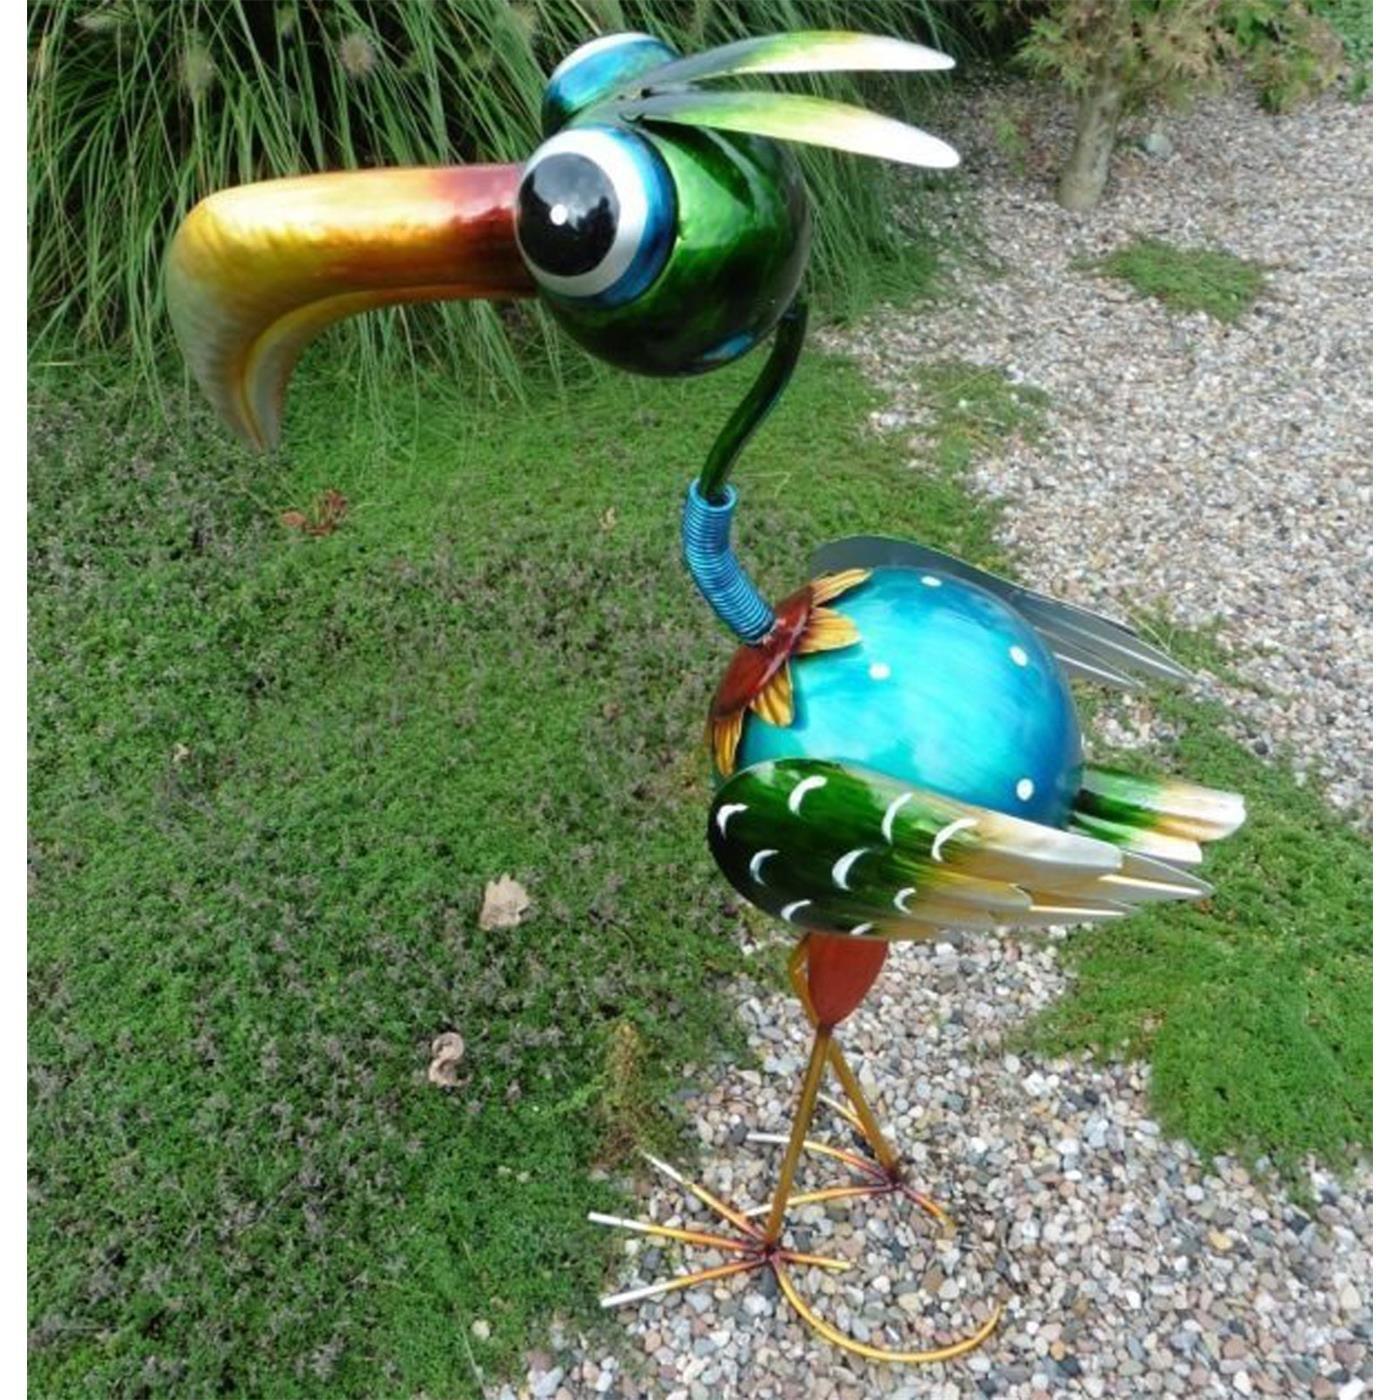 Paradiesvogel 60 cm Metall Gartenfigur Gartendeko Metallfigur Vogel aufwendig verarbeitet